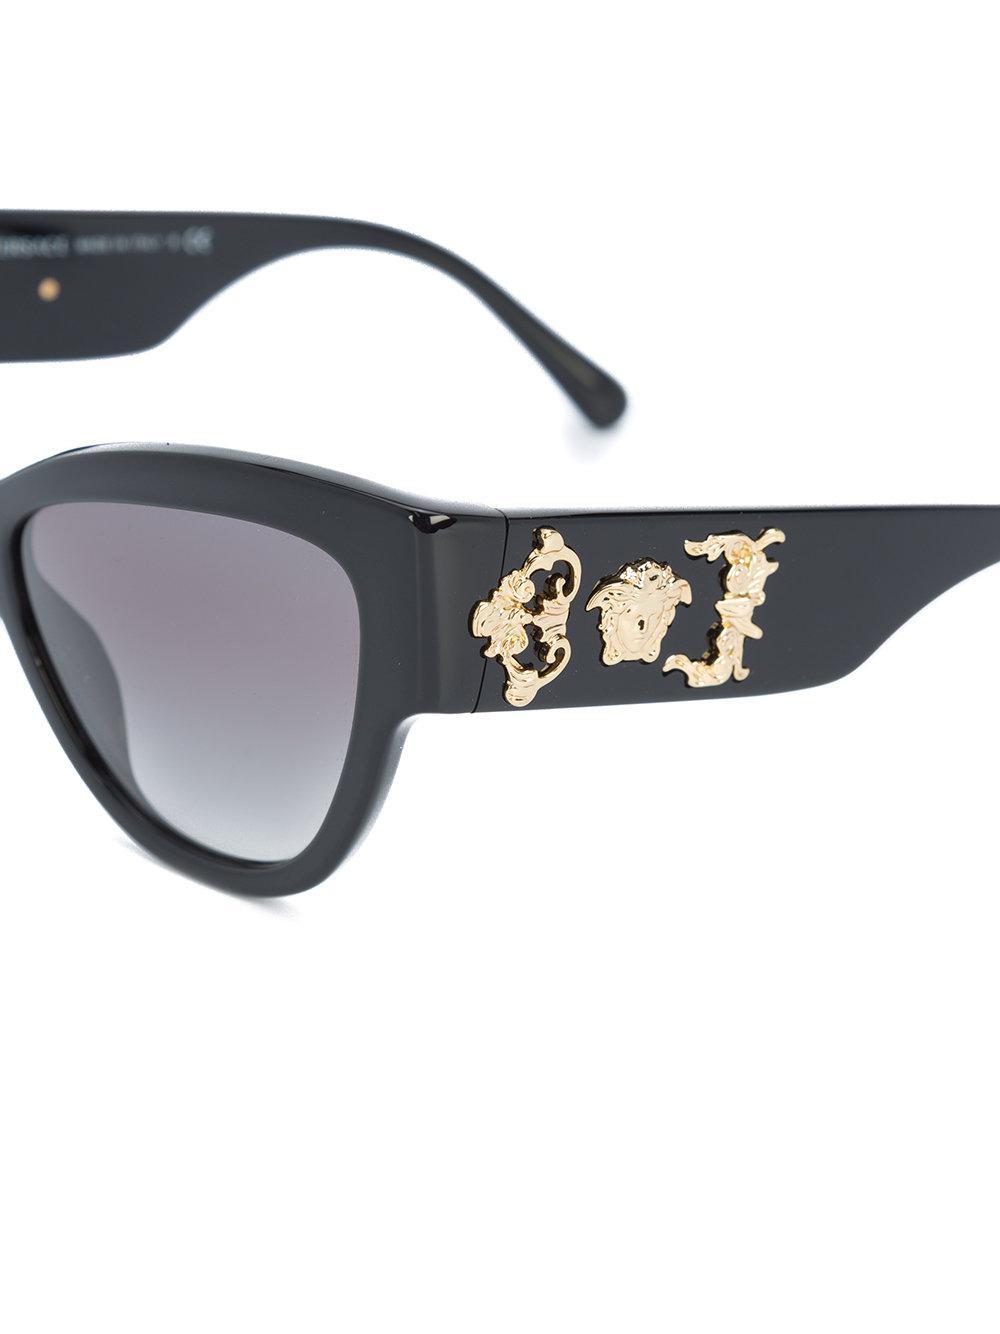 Versace Oversized Medusa Sunglasses in Black